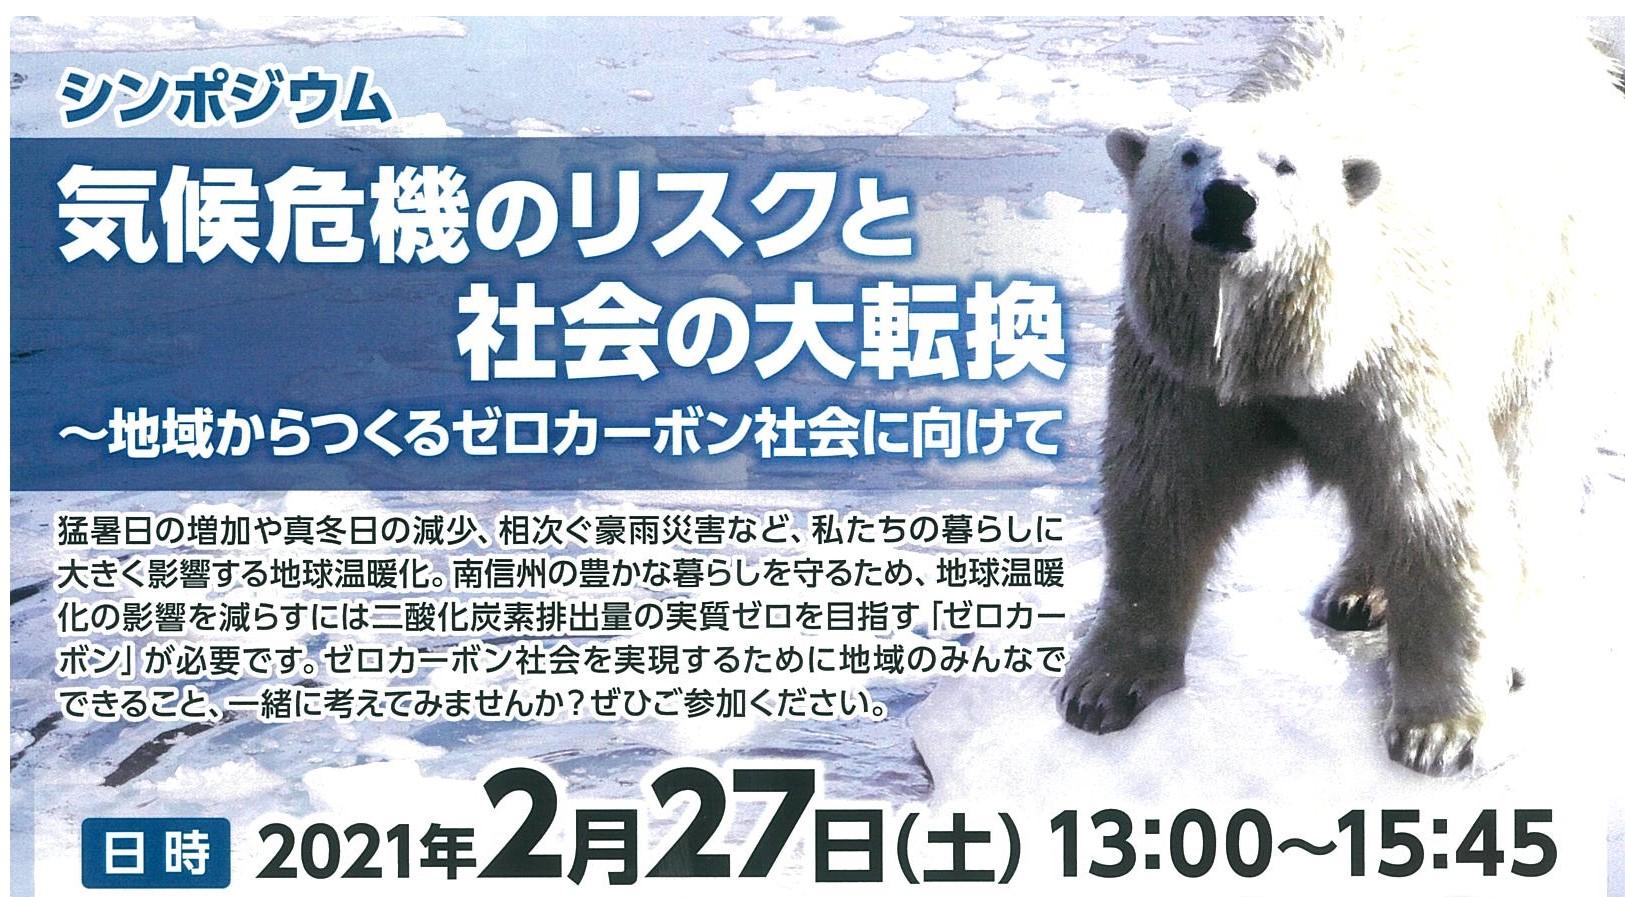 【オンライン開催】2/27,気候変動対策シンポジウム